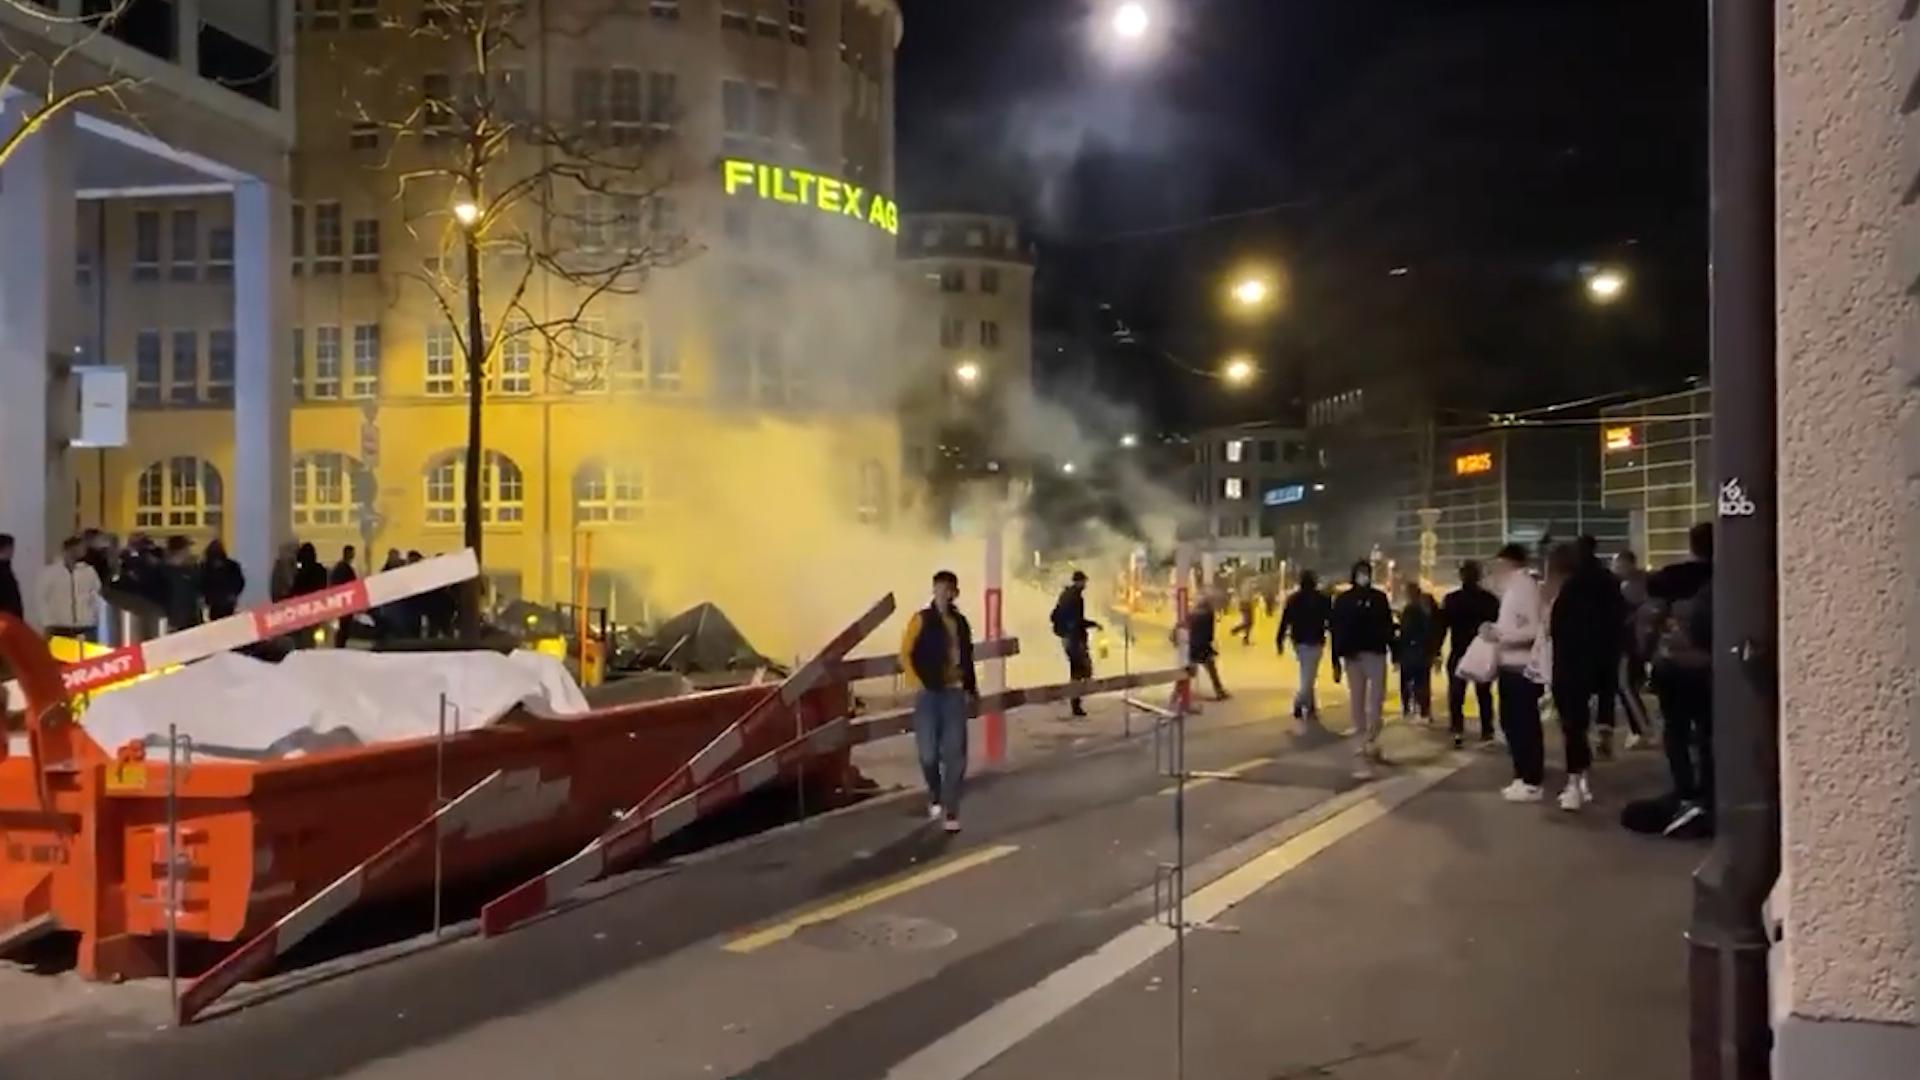 В Швейцарии из-за ковидных ограничений вспыхнули беспорядки: протестующих разогнали резиновыми пулями и слезоточивым газом